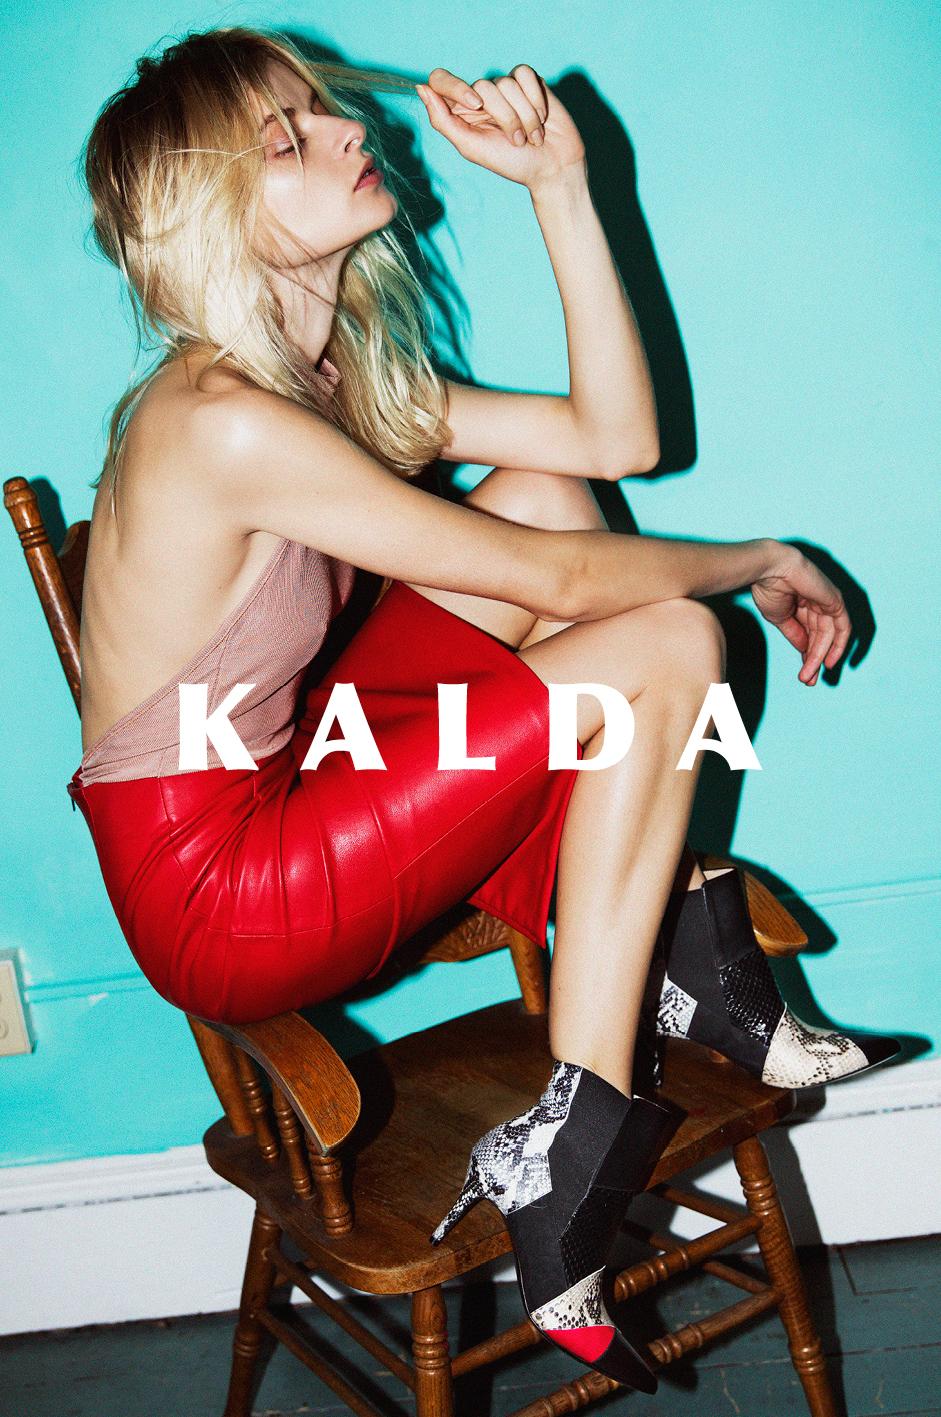 Kalda+social+media31.jpg